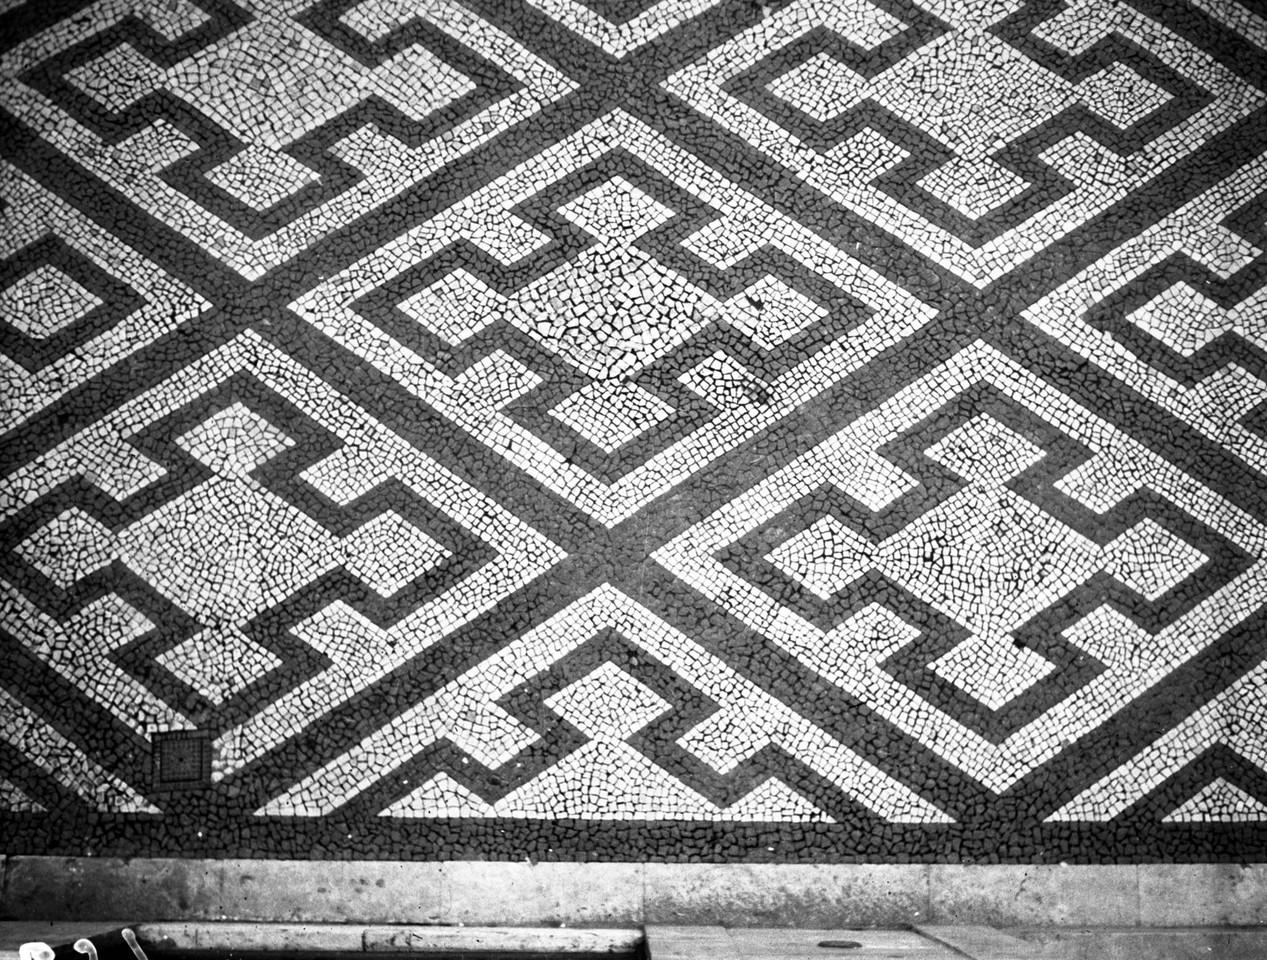 Calçada portuguesa, Chiado, 1940, foto de Antóni